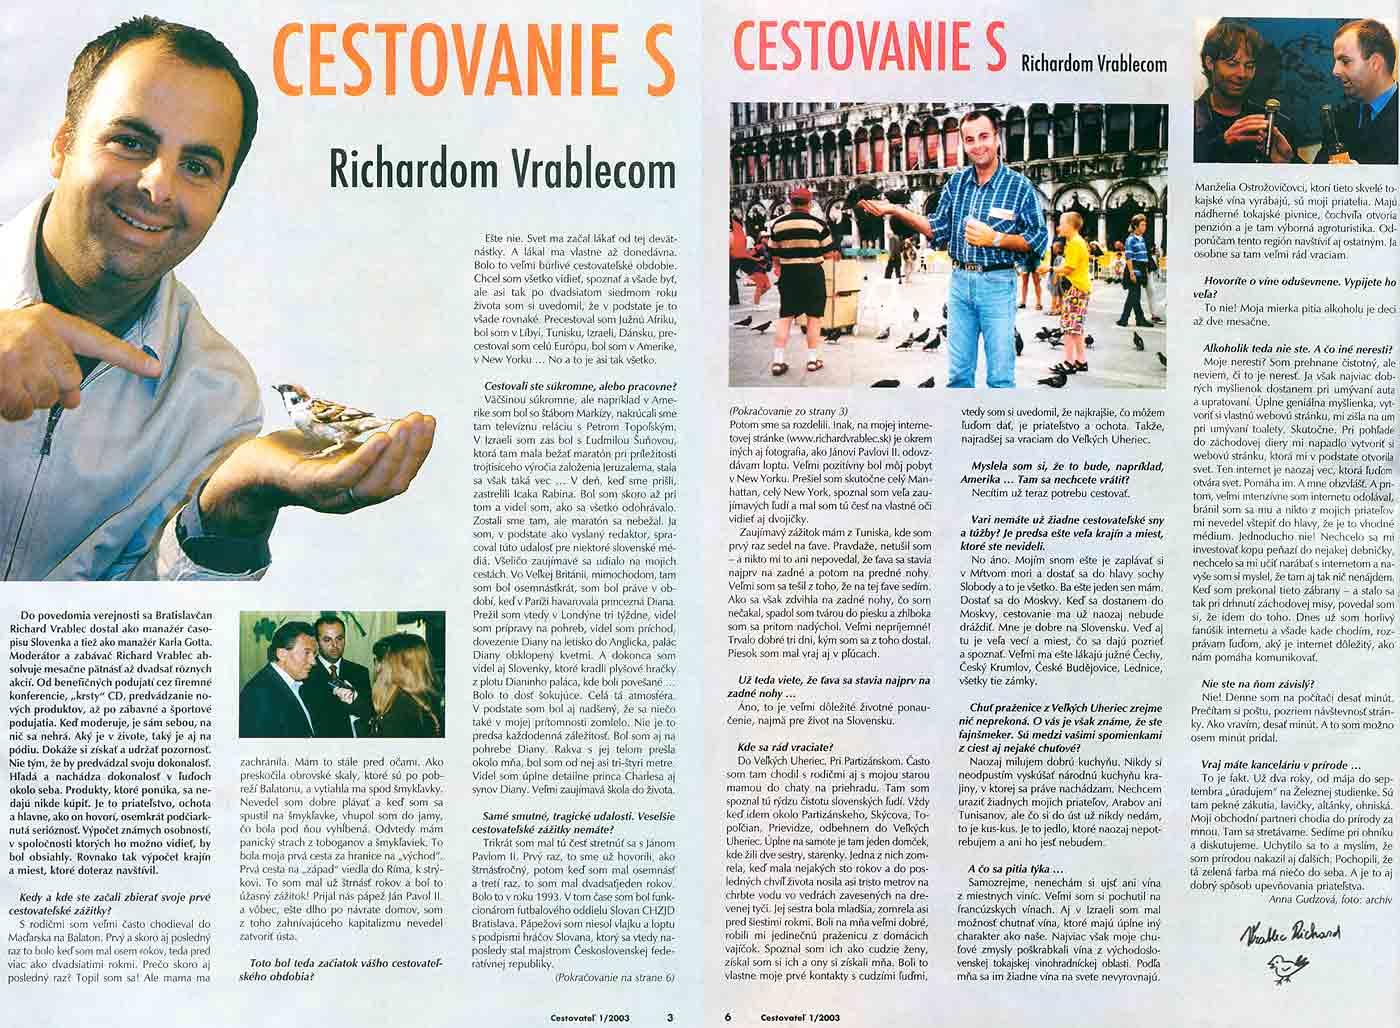 Cestovateľ, január 2003: Cestovanie s Richardom Vrablecom